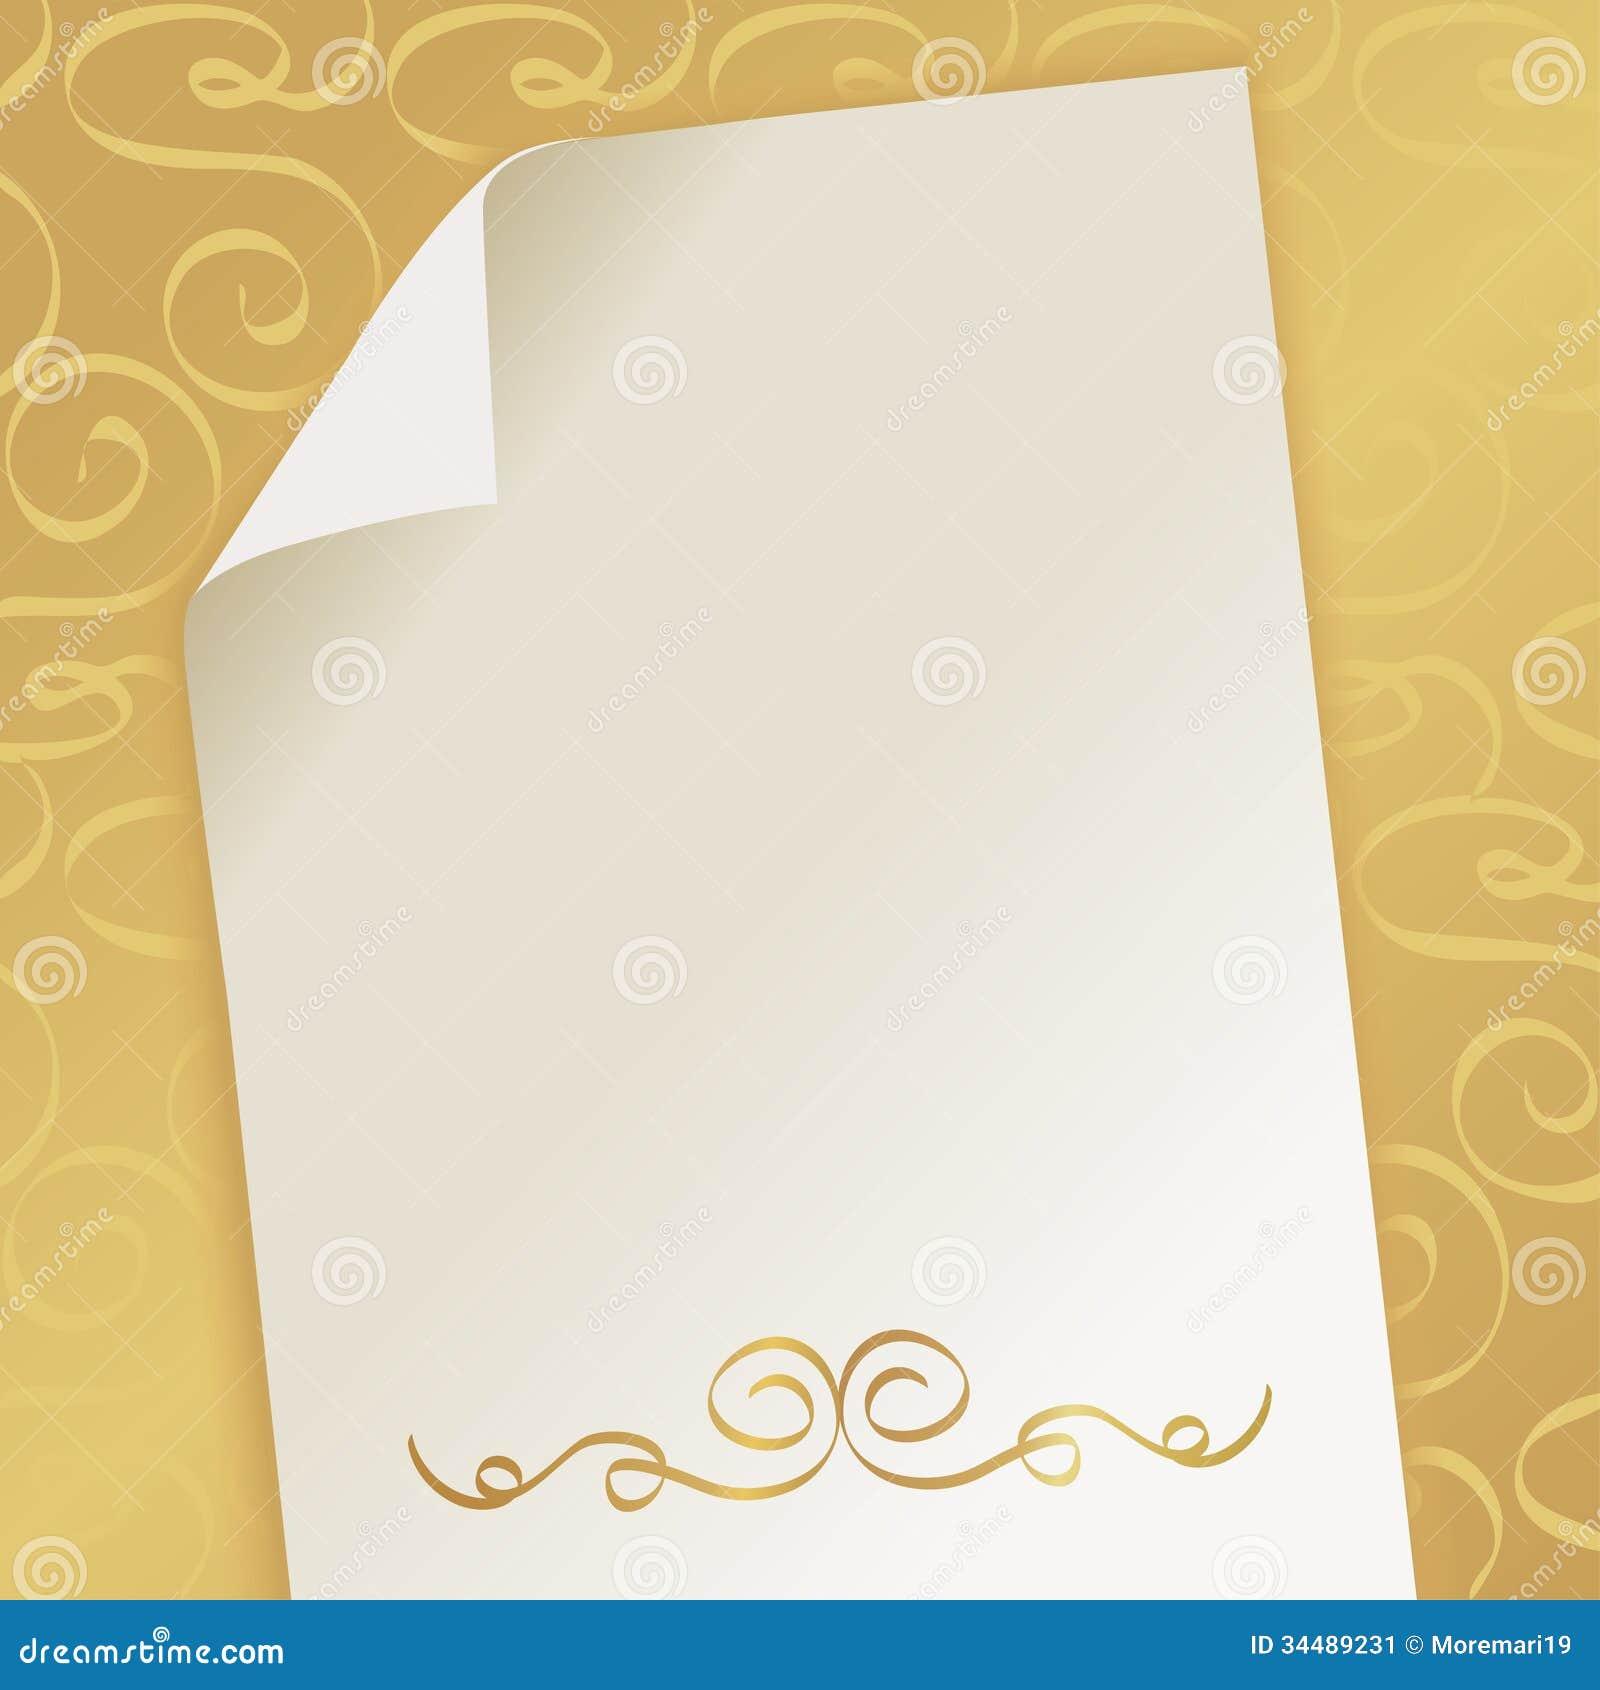 Elegant Beautiful Background With Monogram Stock Image